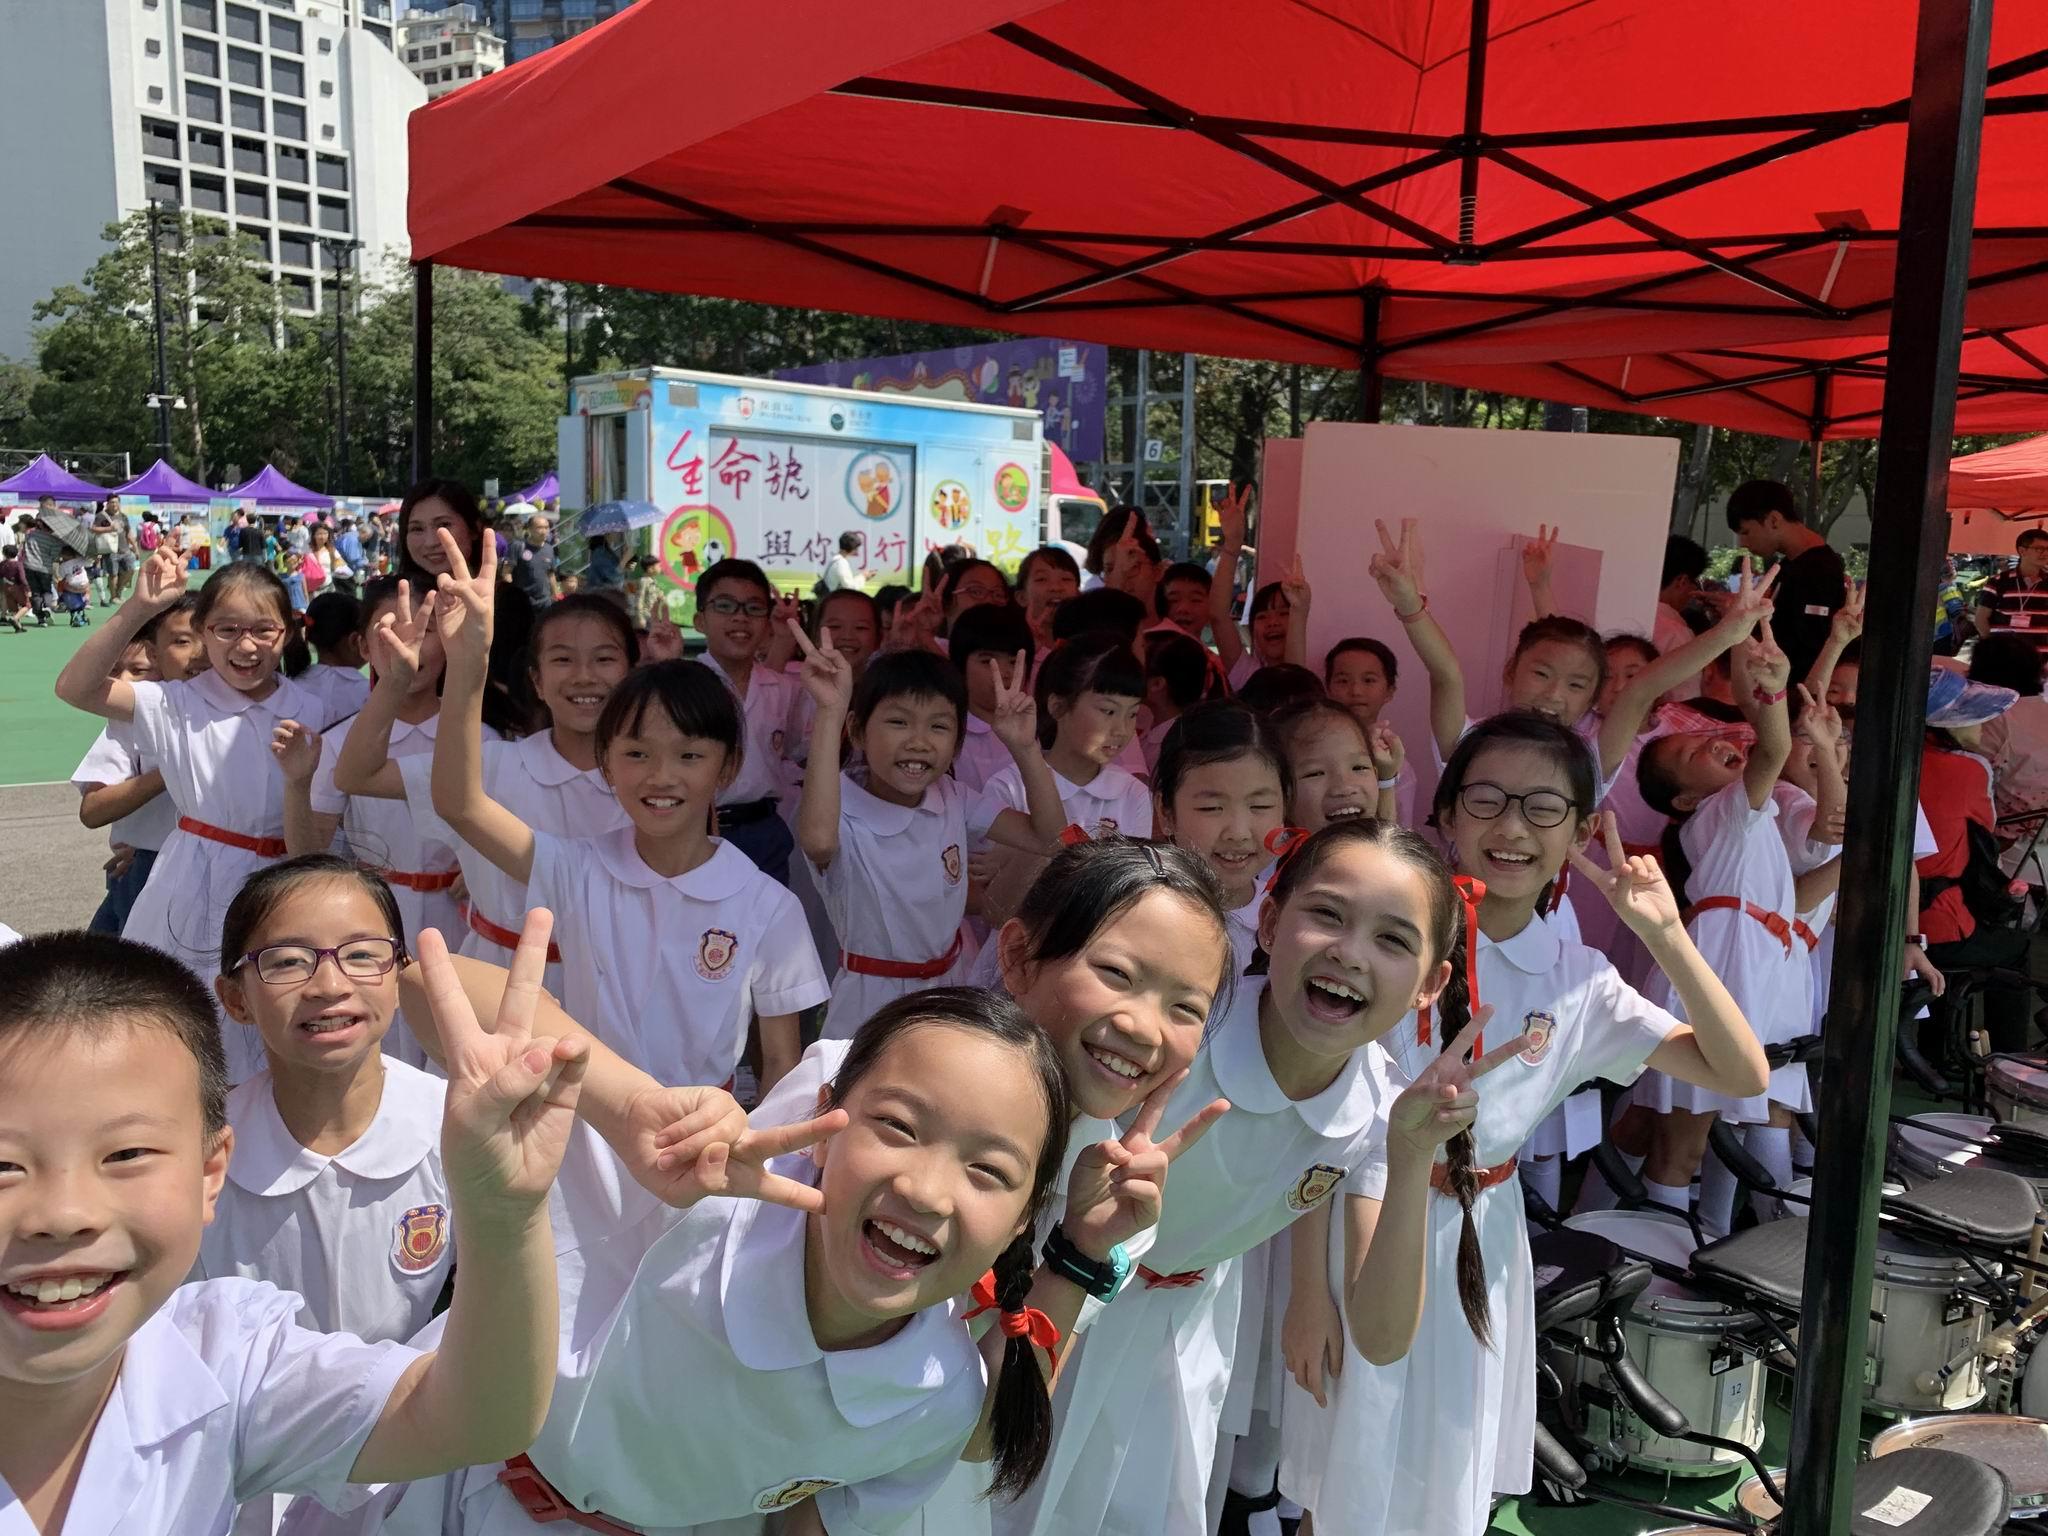 https://plkcjy.edu.hk/sites/default/files/img_3857_1.jpg